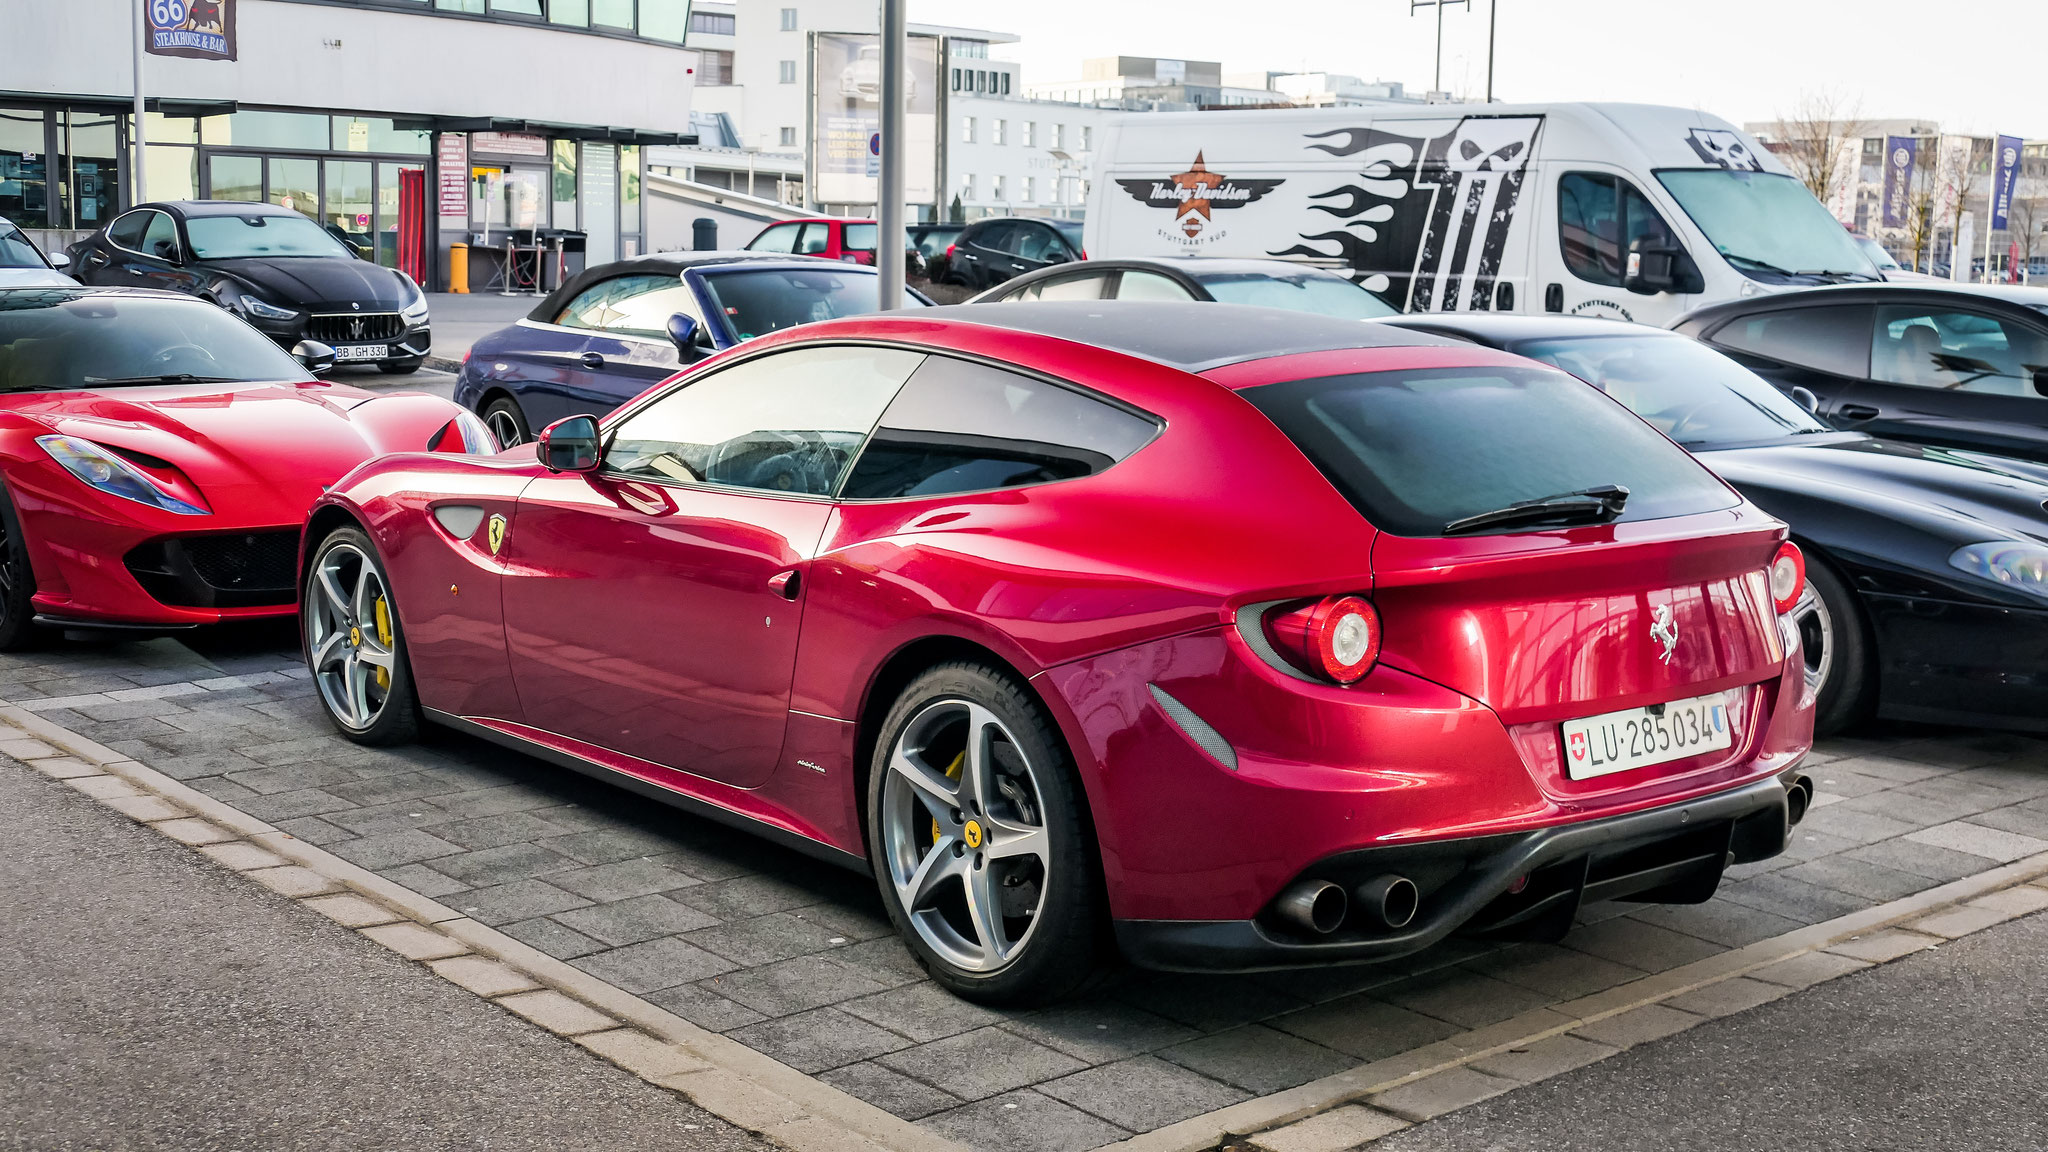 Ferrari FF - LU-285034 (CH)